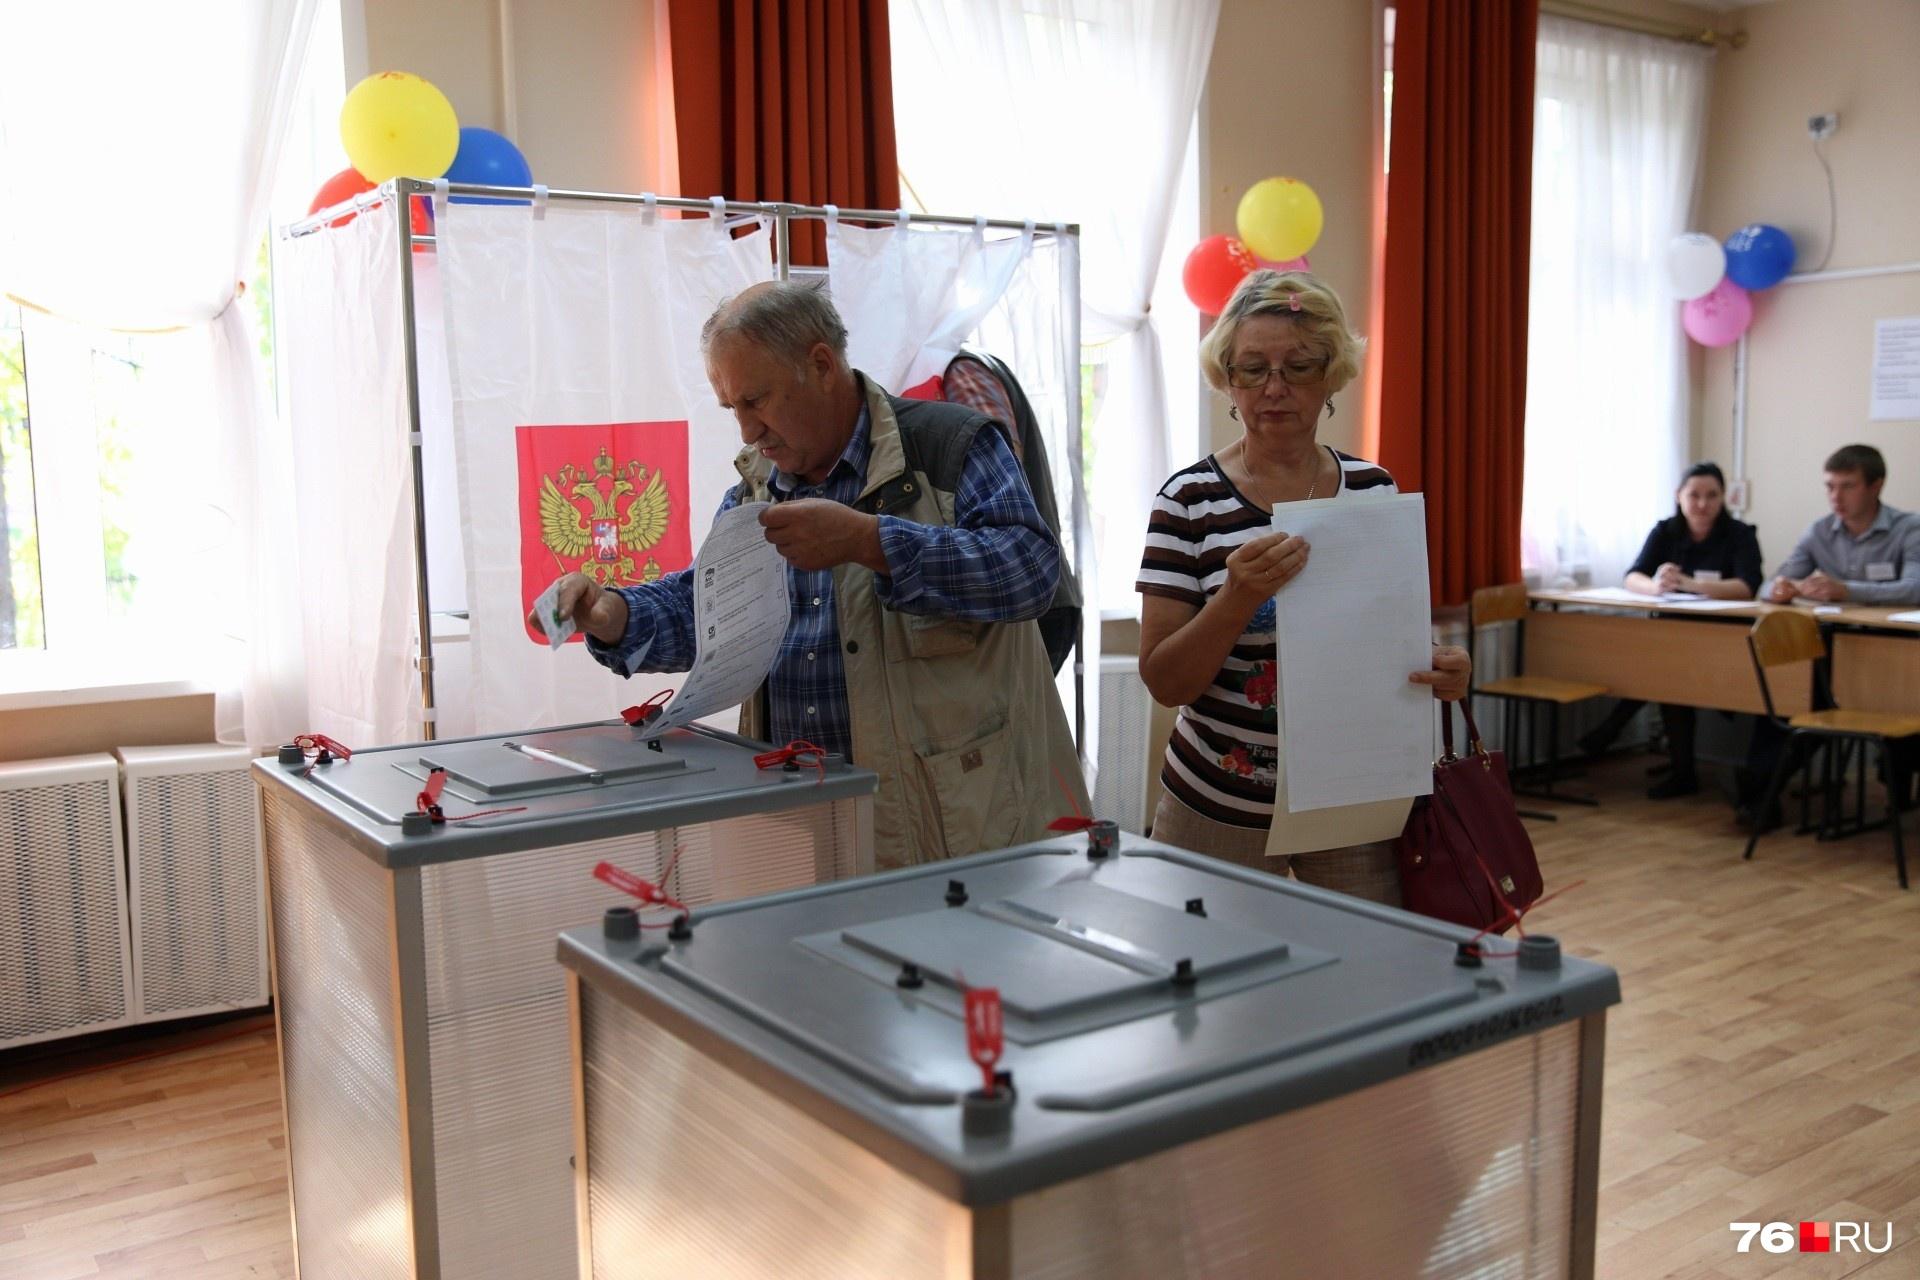 Голосовать ярославцы идут неохотно